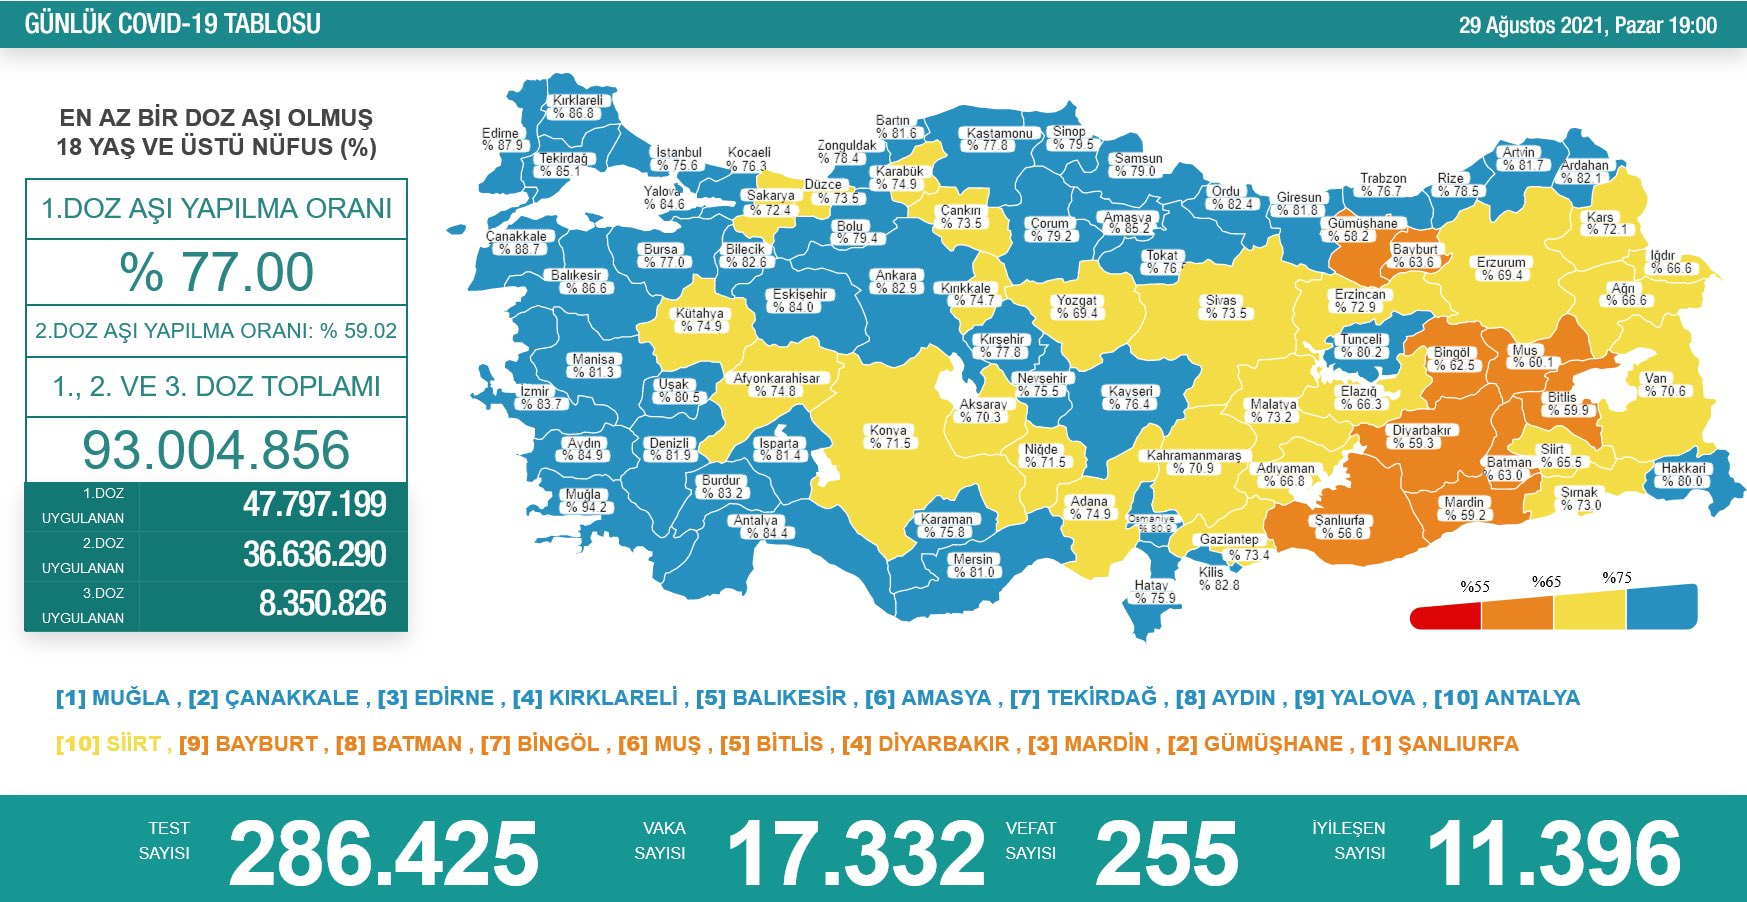 29 Ağustos 2021 Türkiye Koronavirüs Tablosu Açıkladı